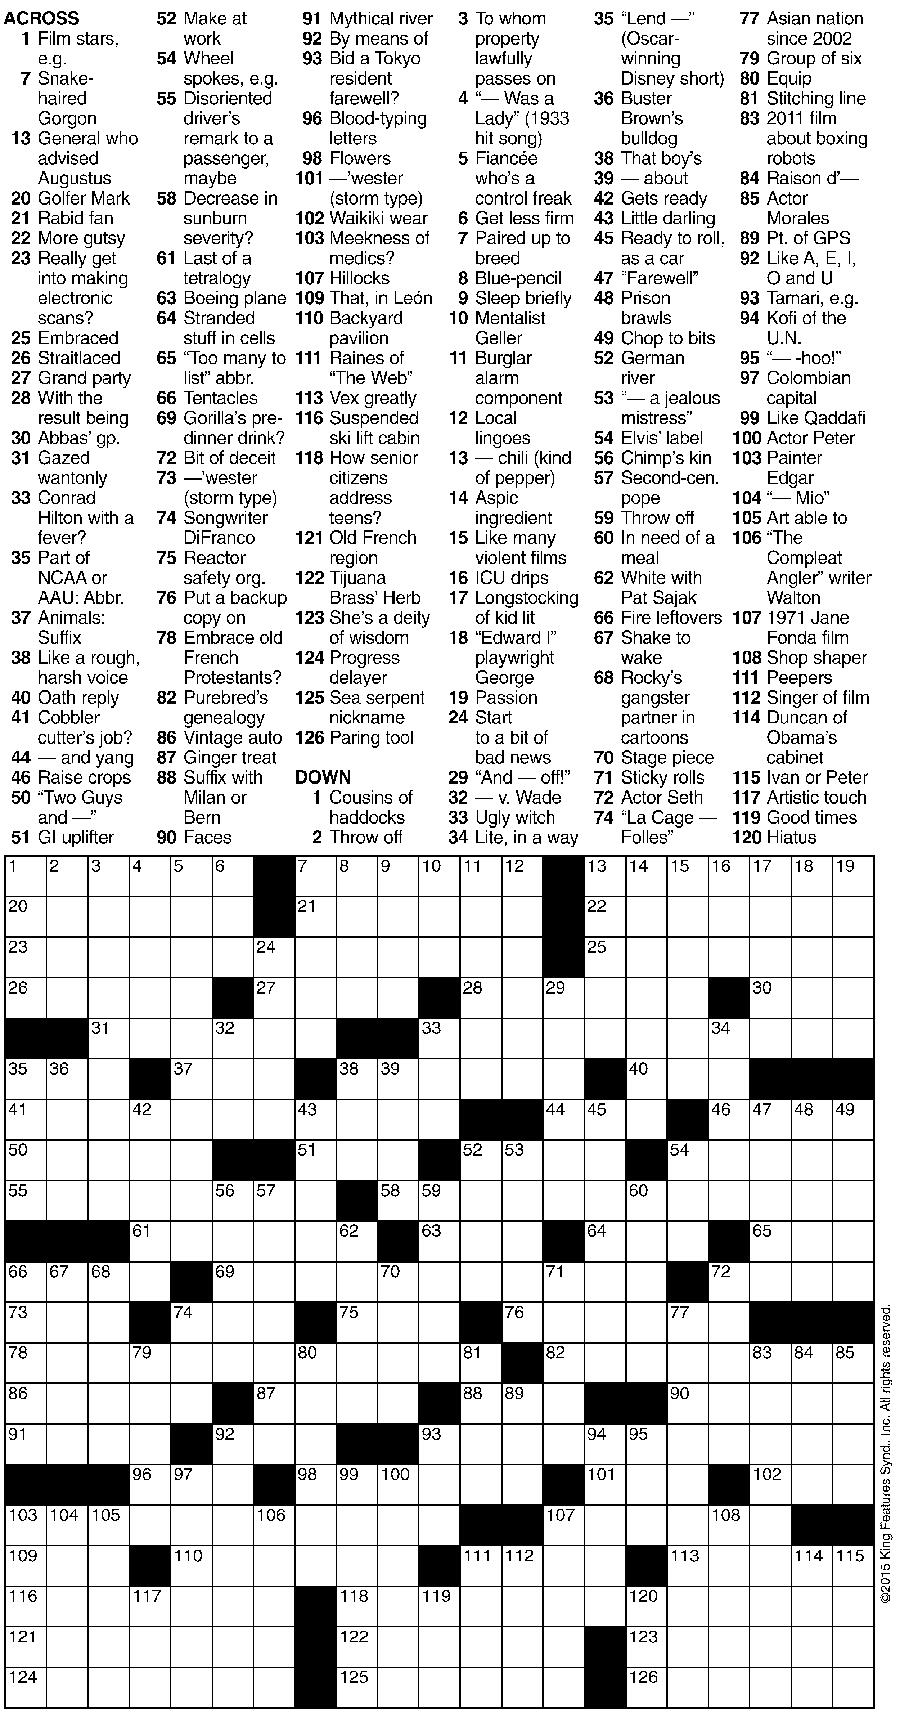 crossword_puzzle1-1-f73e5f7932b49d7d.png